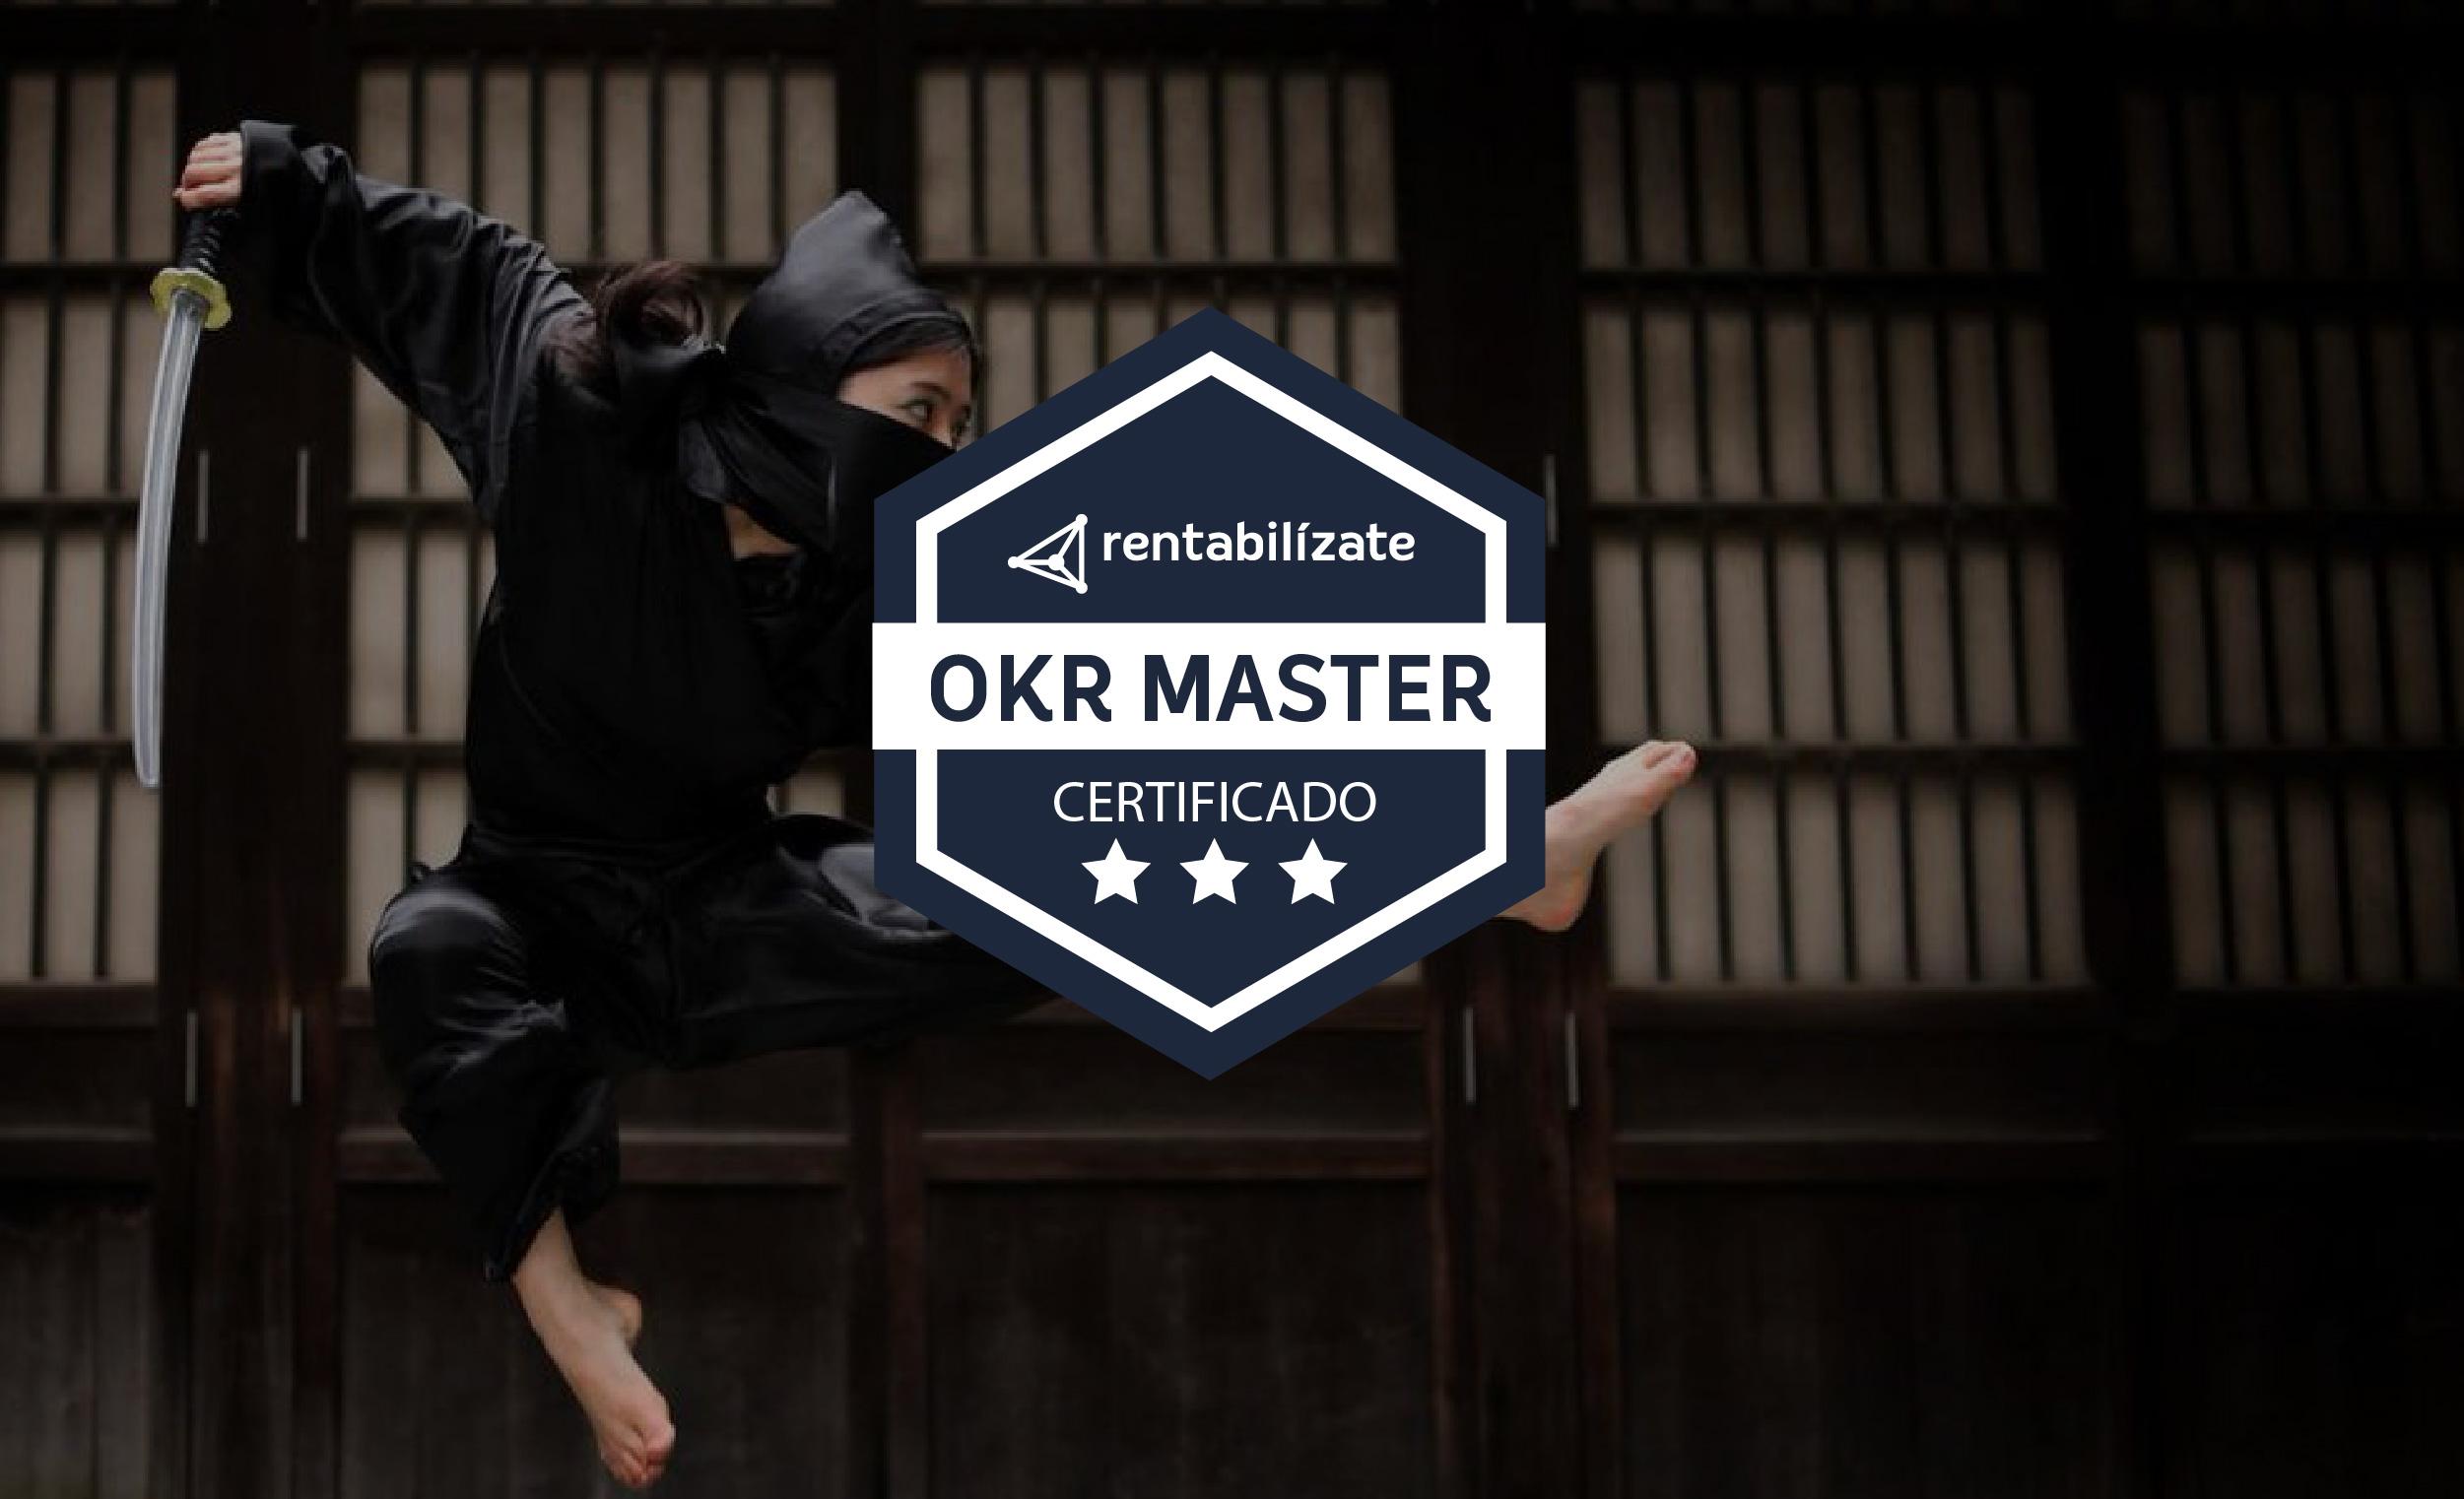 OKR MASTER